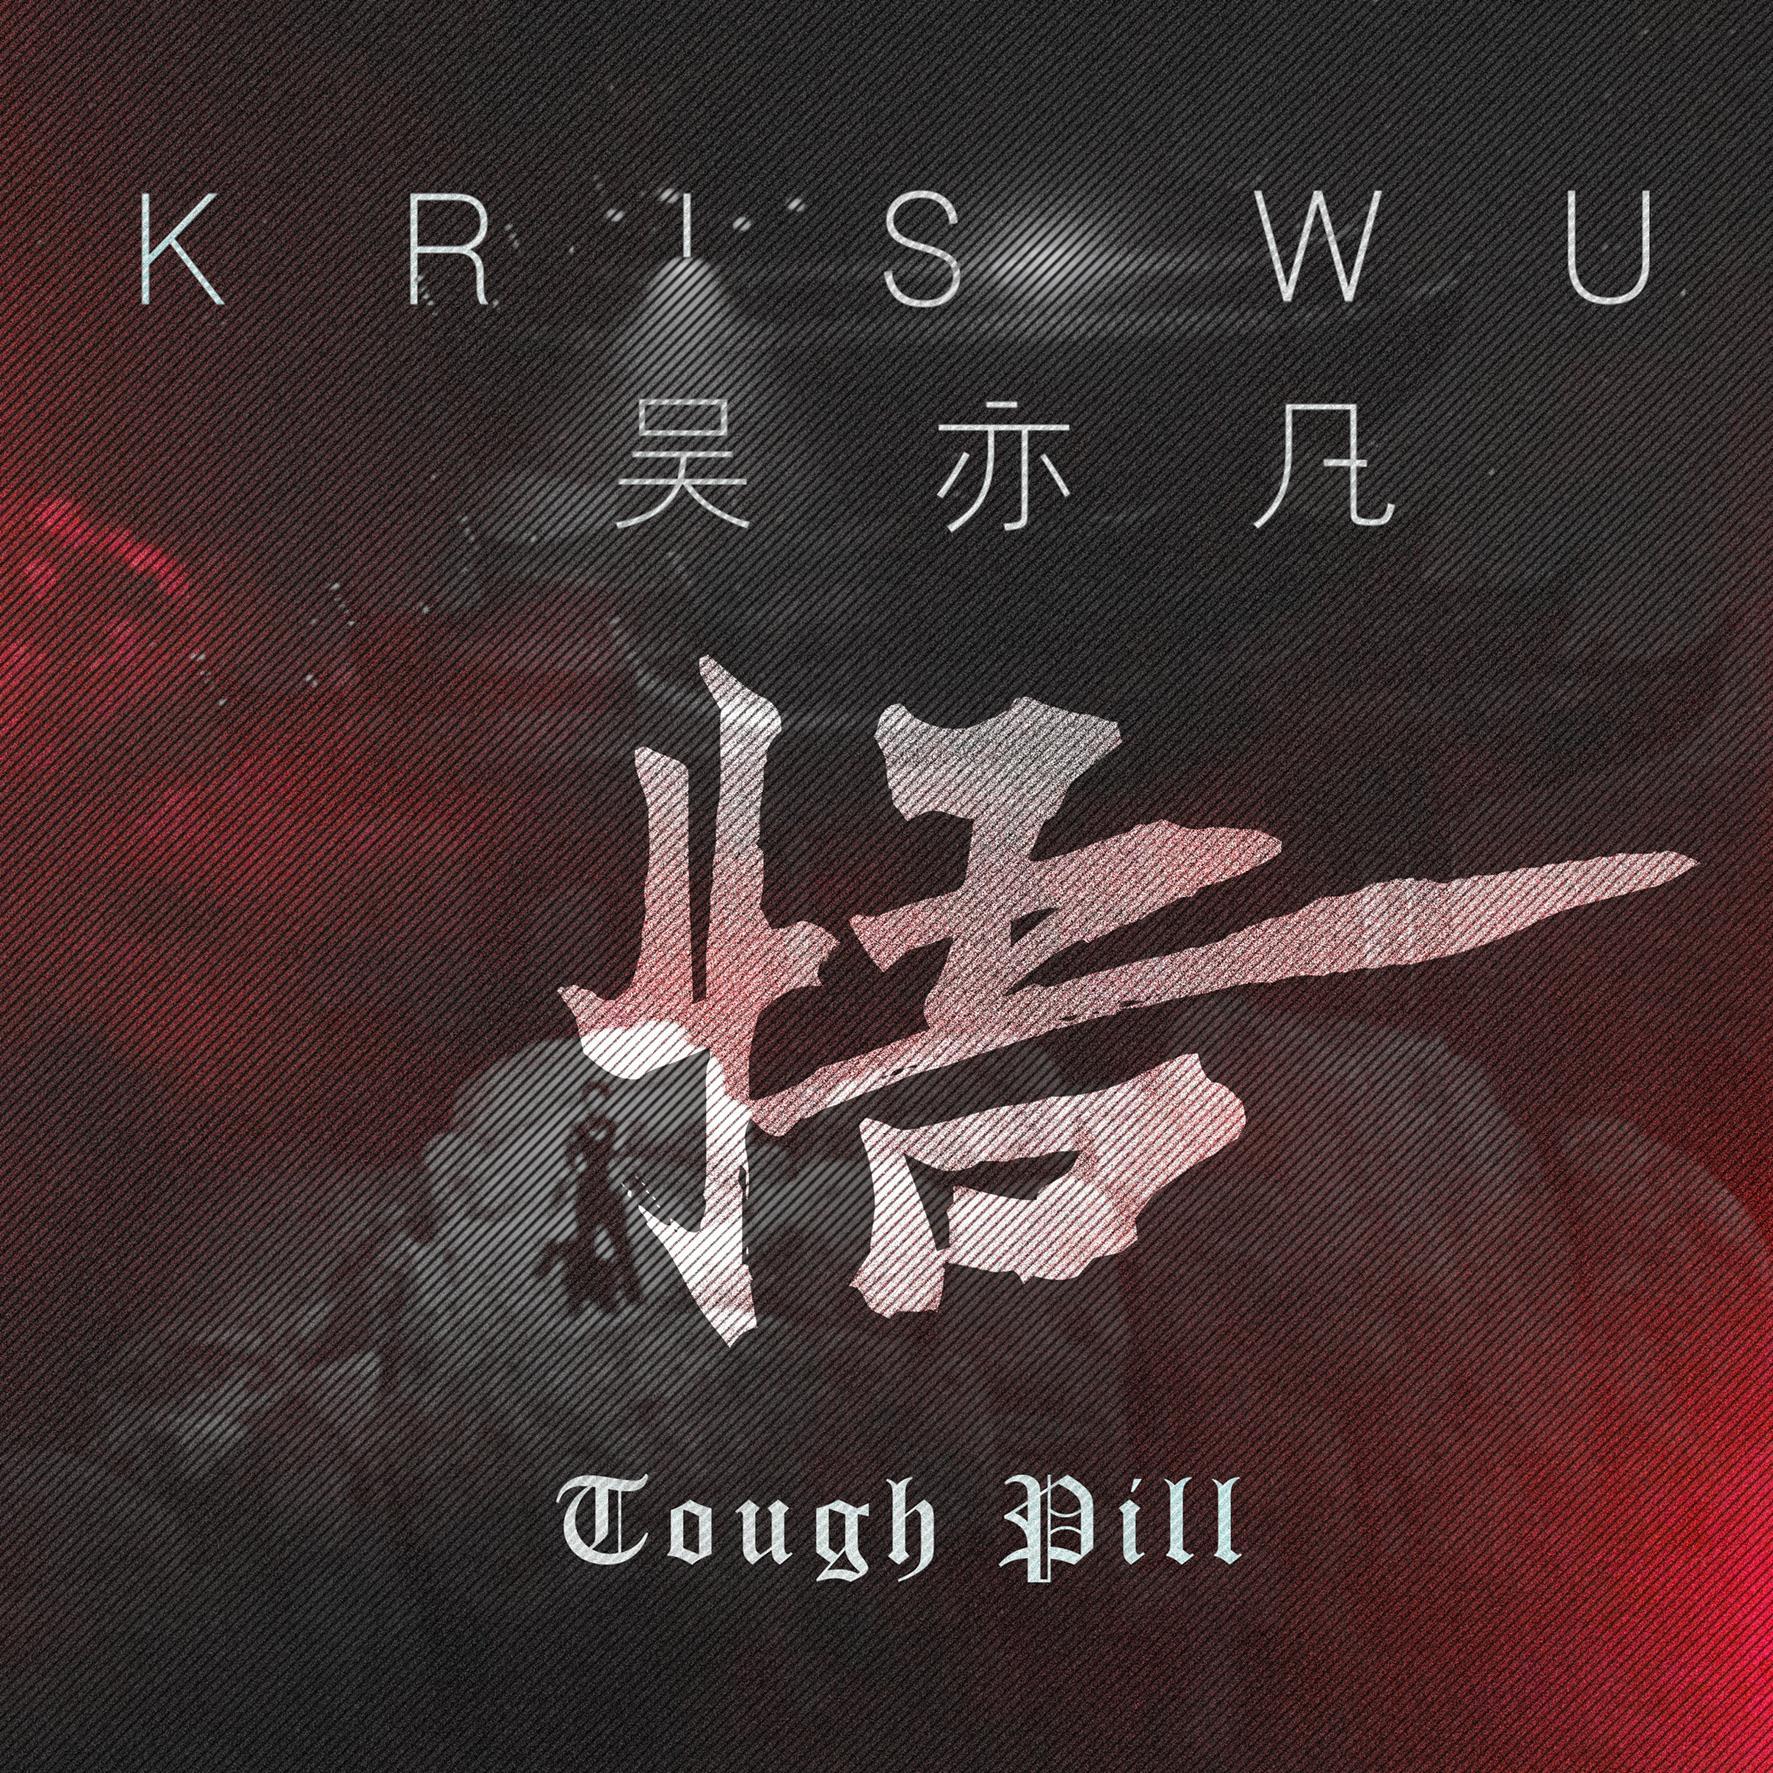 吴亦凡新专辑第三支中文单曲《悟》封面曝光